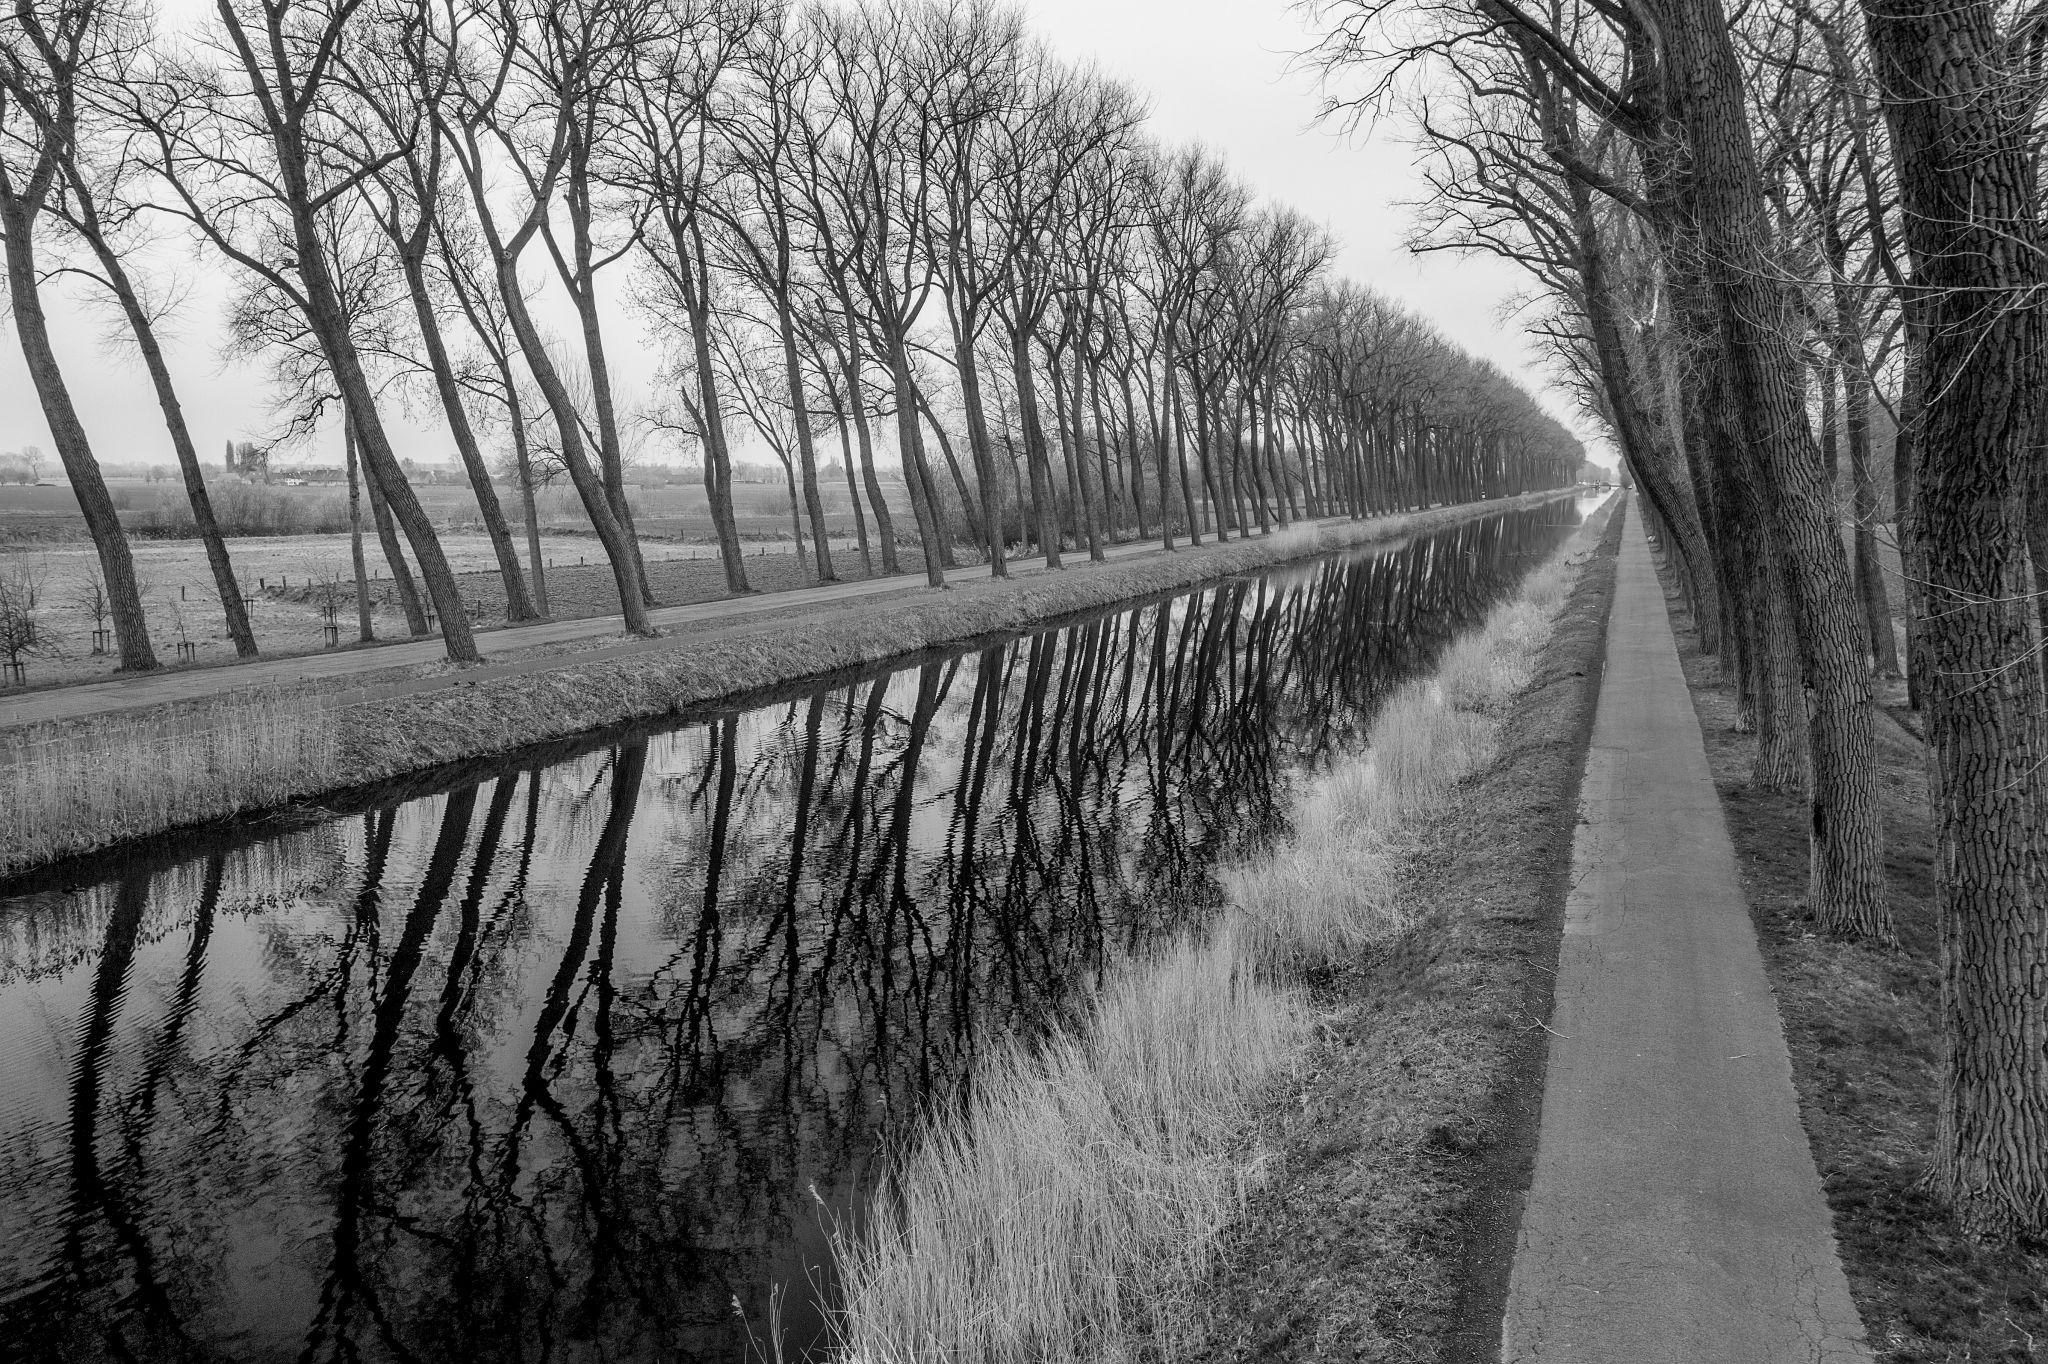 Damse vaart in black and white, Belgium